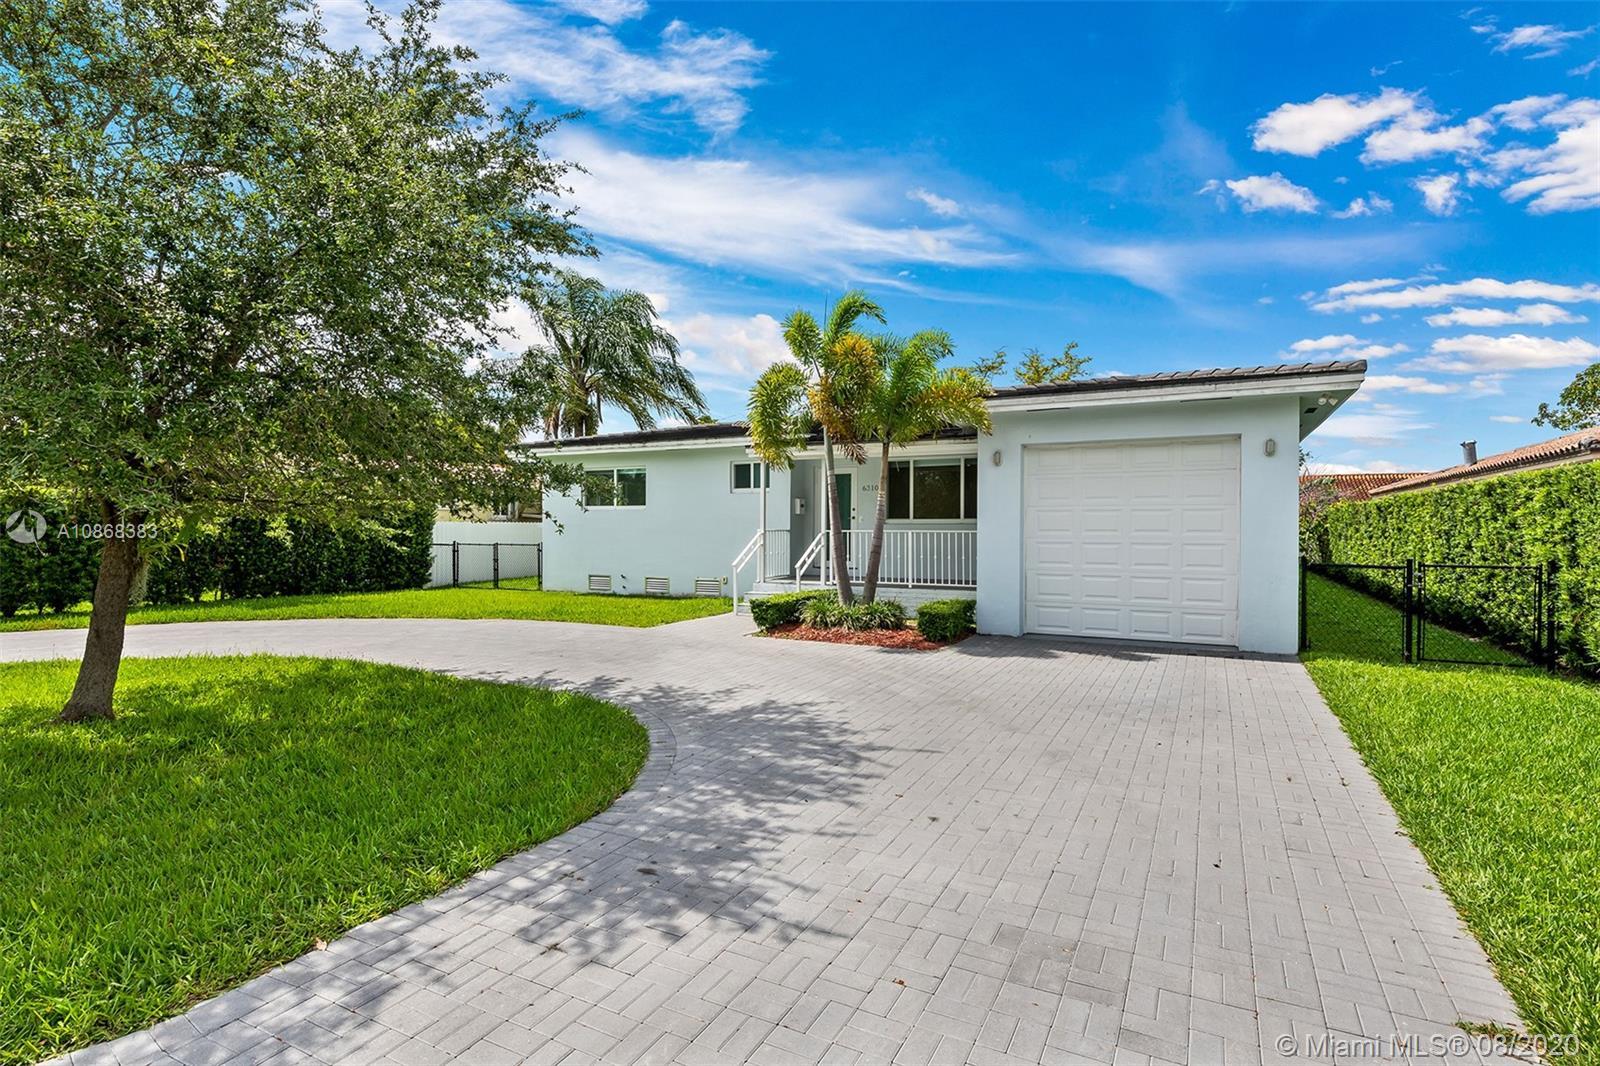 Coral Villas - 6310 SW 30th St, Miami, FL 33155